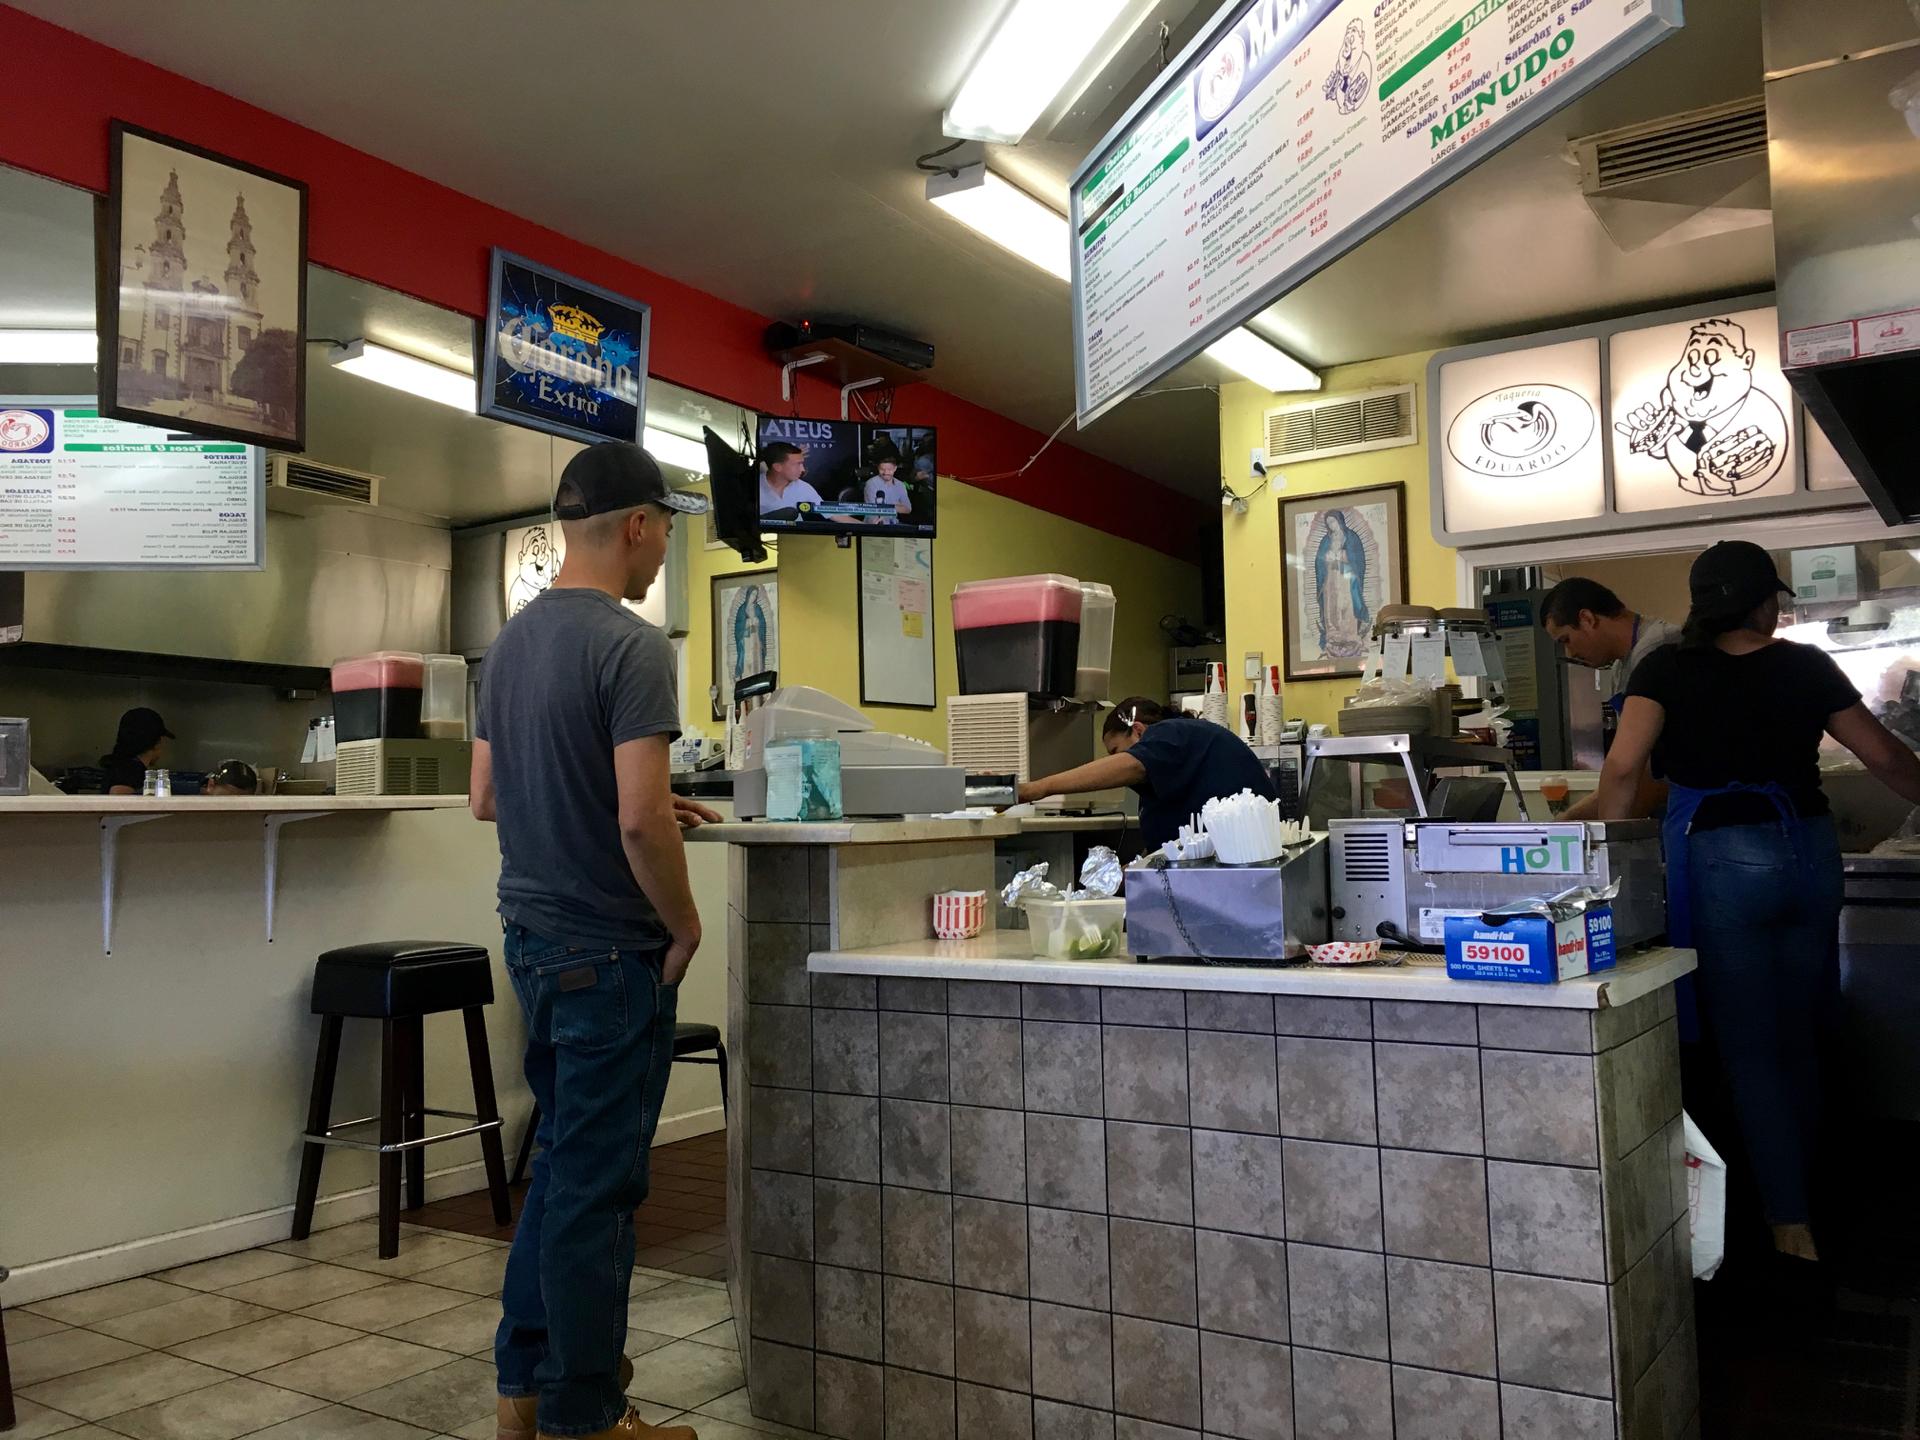 Inside Taqueria Eduardo in San Jose.